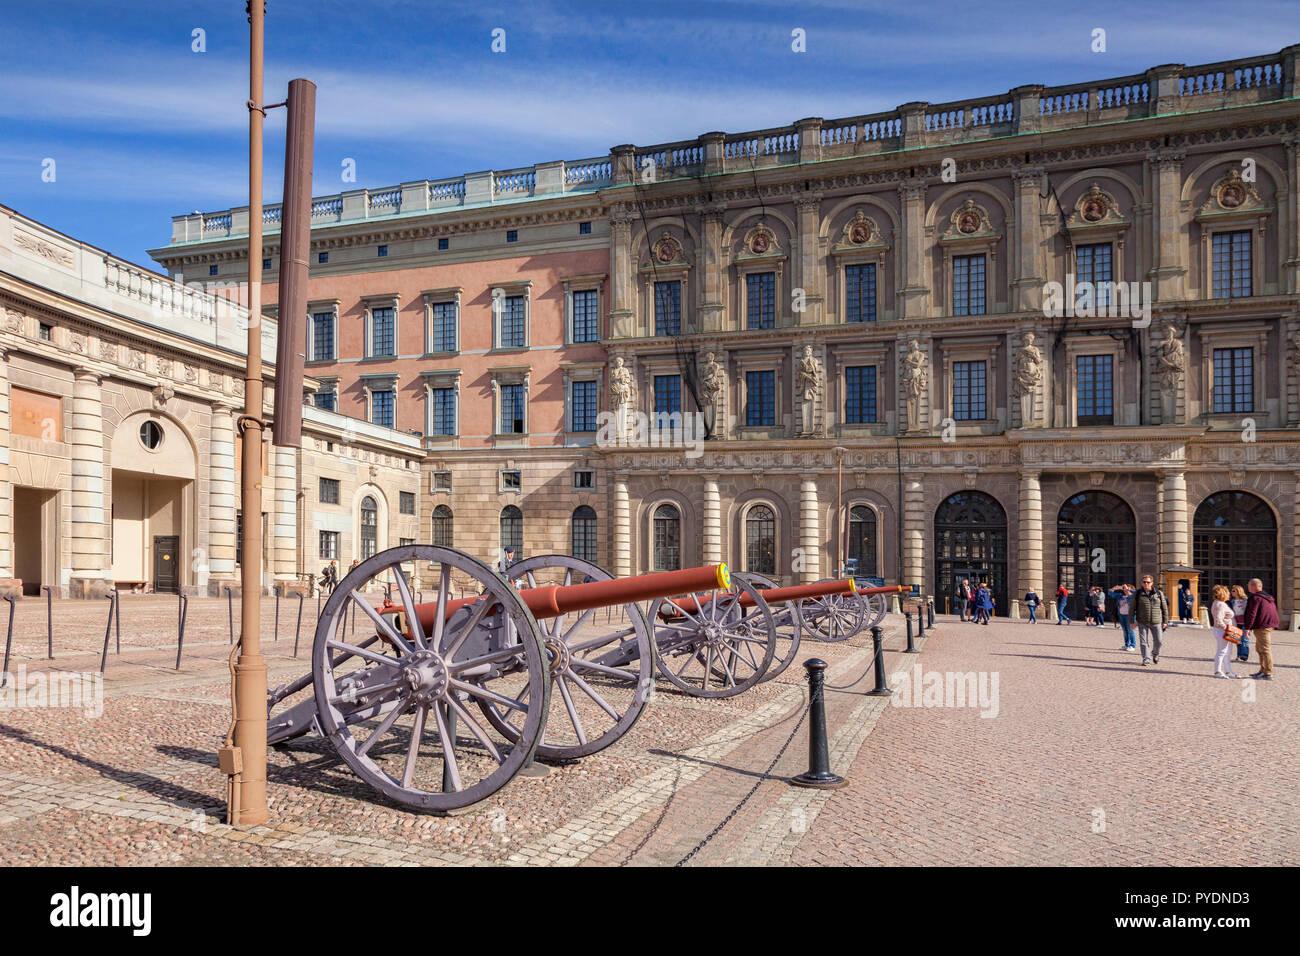 16 Settembre 2018: Stoccolma, Svezia - pistole di campo in mostra presso il Palazzo Reale. Immagini Stock